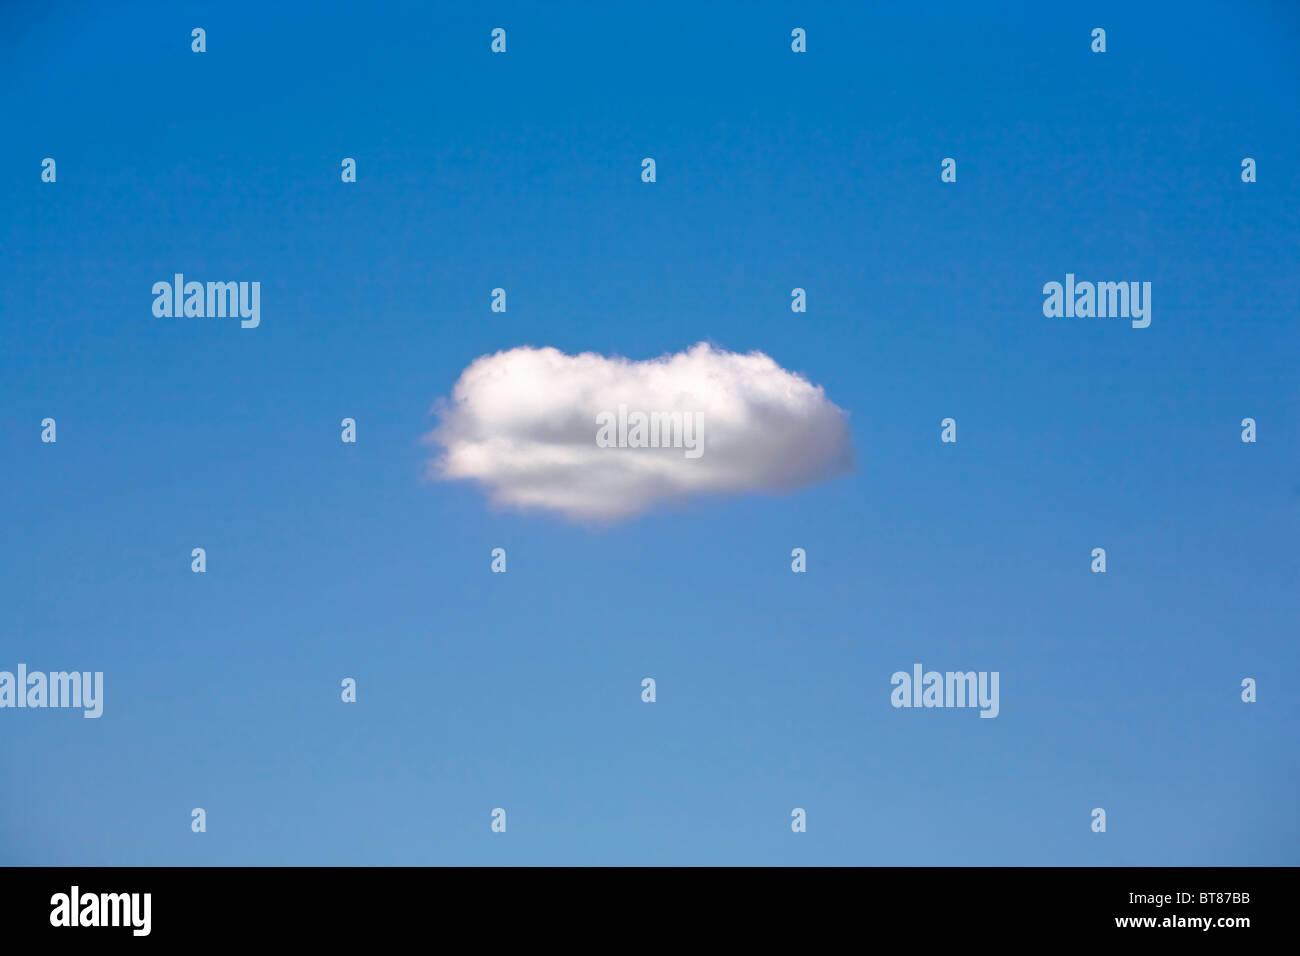 Una singola nuvola galleggianti in un cielo blu. Immagini Stock